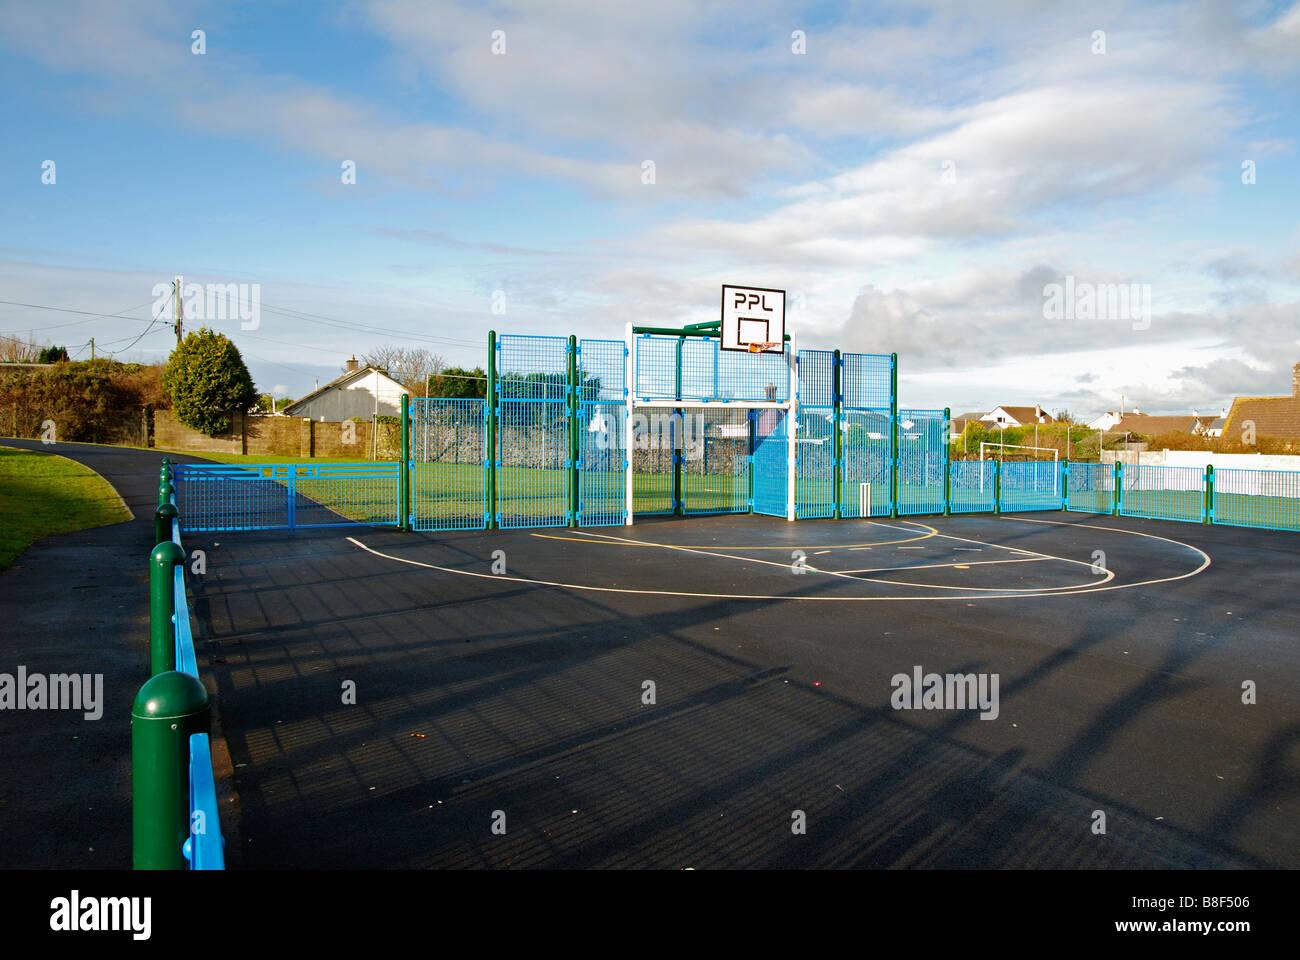 Une piscine en plein air terrain de sport en tous temps,hayle cornwall,uk Banque D'Images